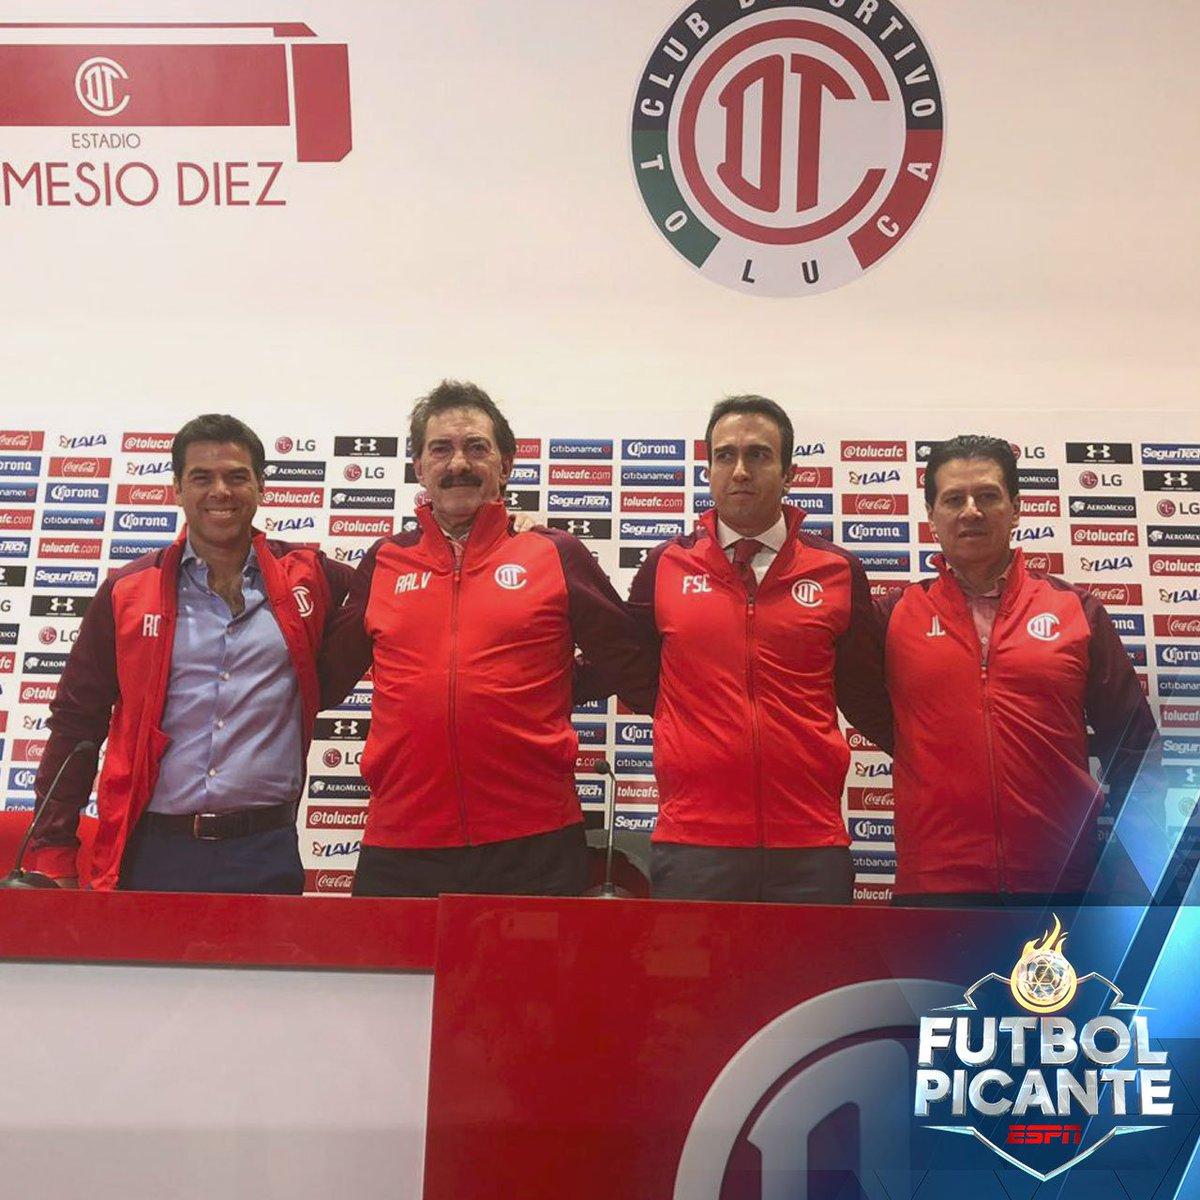 Futbol Picante's photo on La Volpe